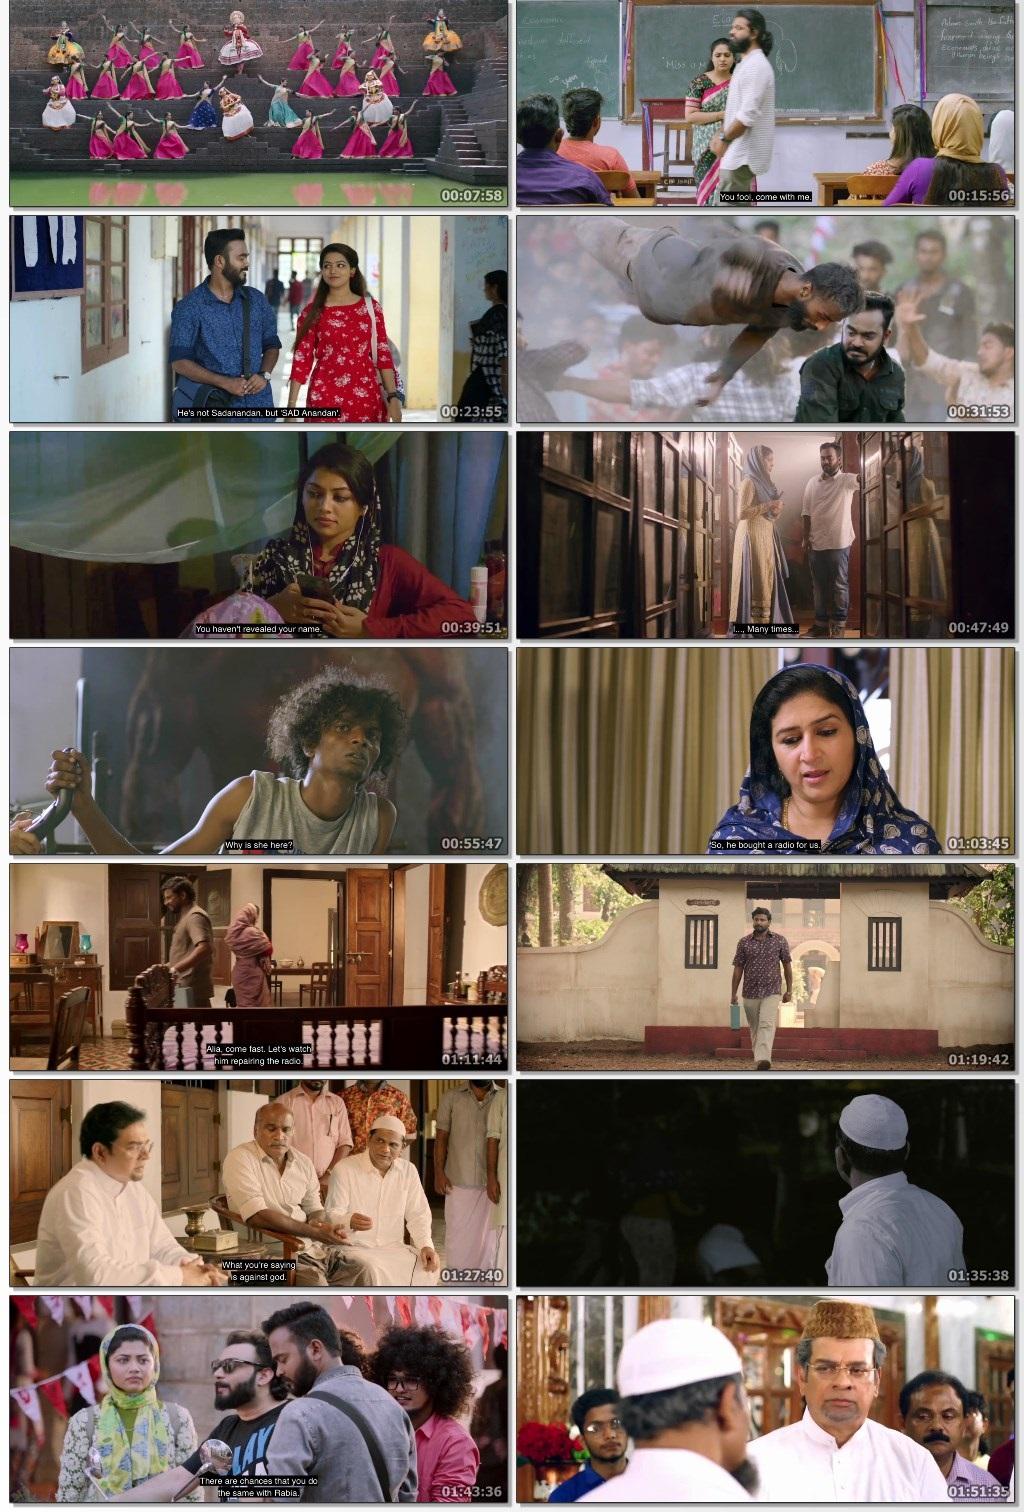 Love-FM-2021-www-9kmovies-cards-Malayalam-720p-HDRip-1-2-GB-ESub-mkv-thumbsce17f8107ca43bdd